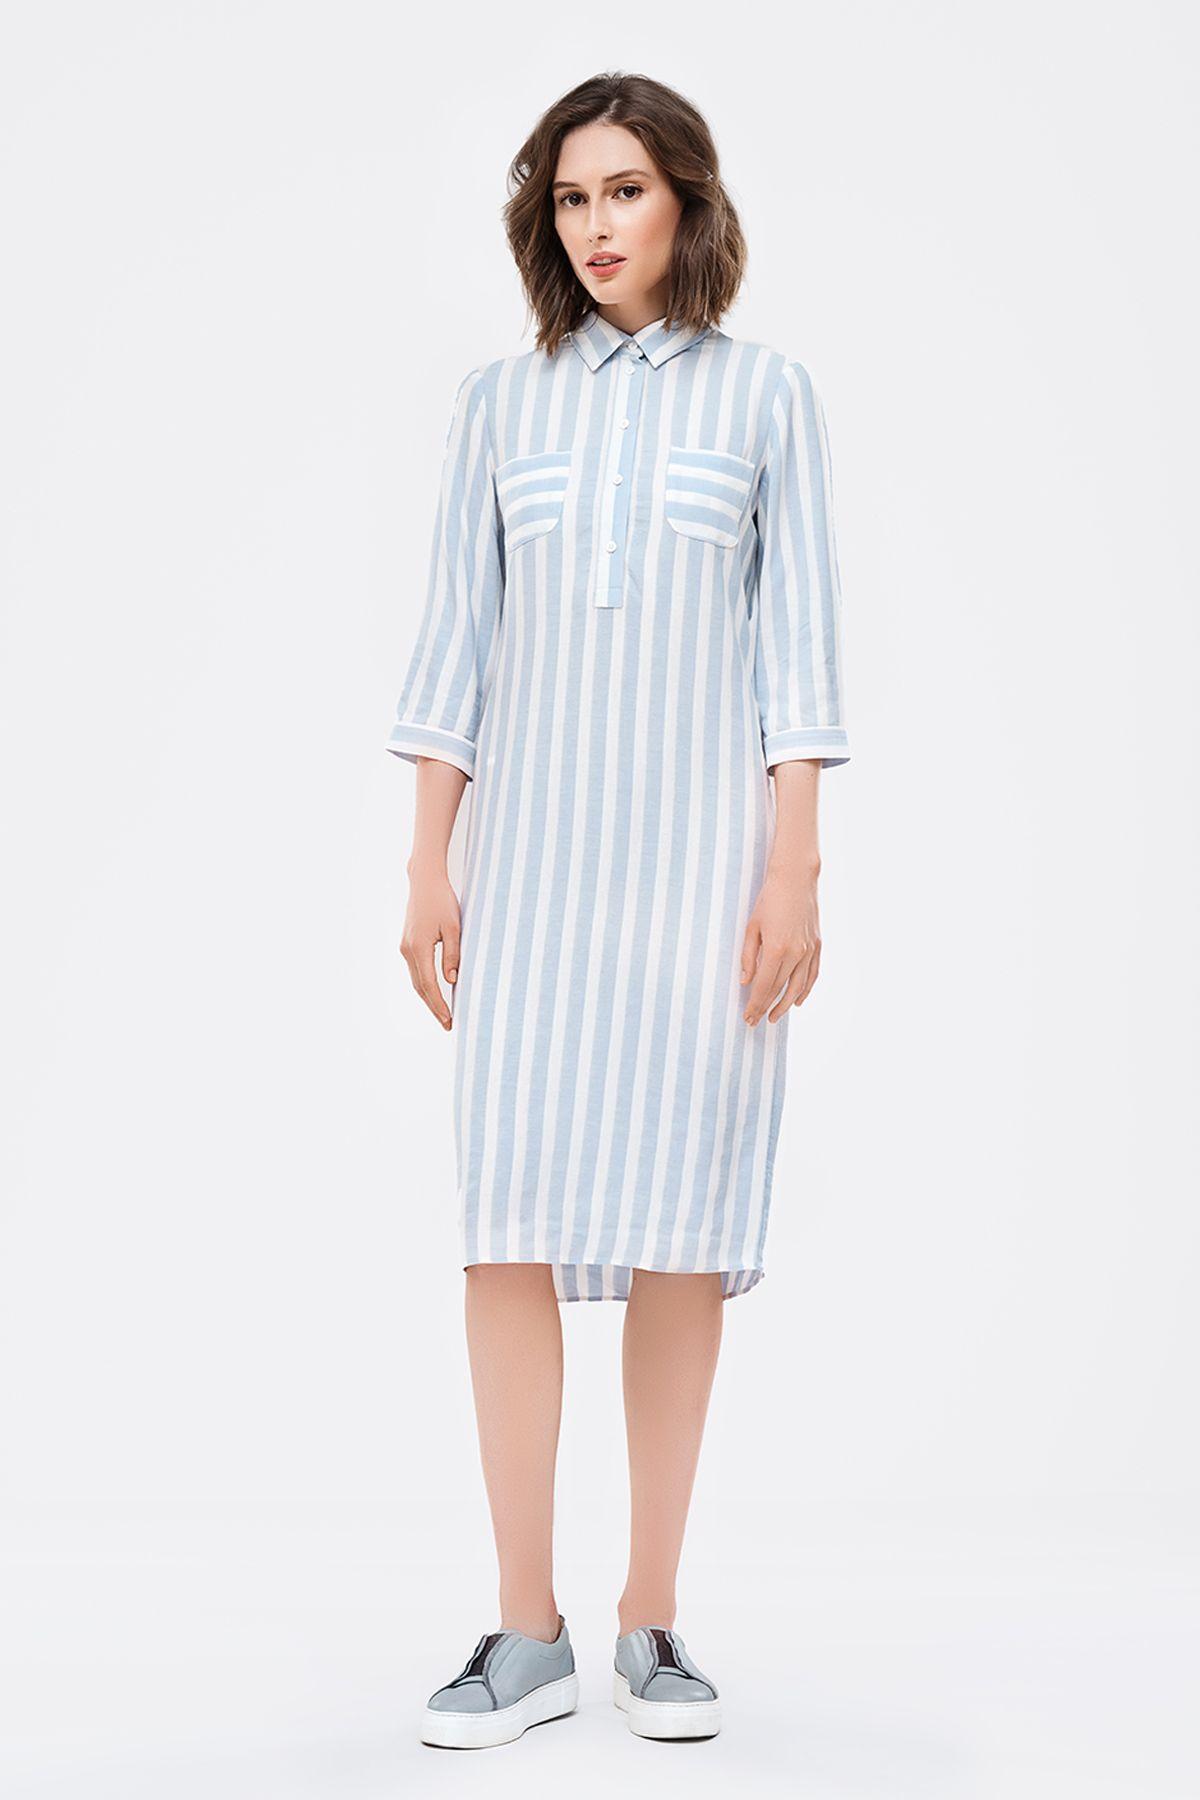 8622001bacf2 2840 Платье-рубашка в бело-голубую полоску купить в Украине, цена в ...